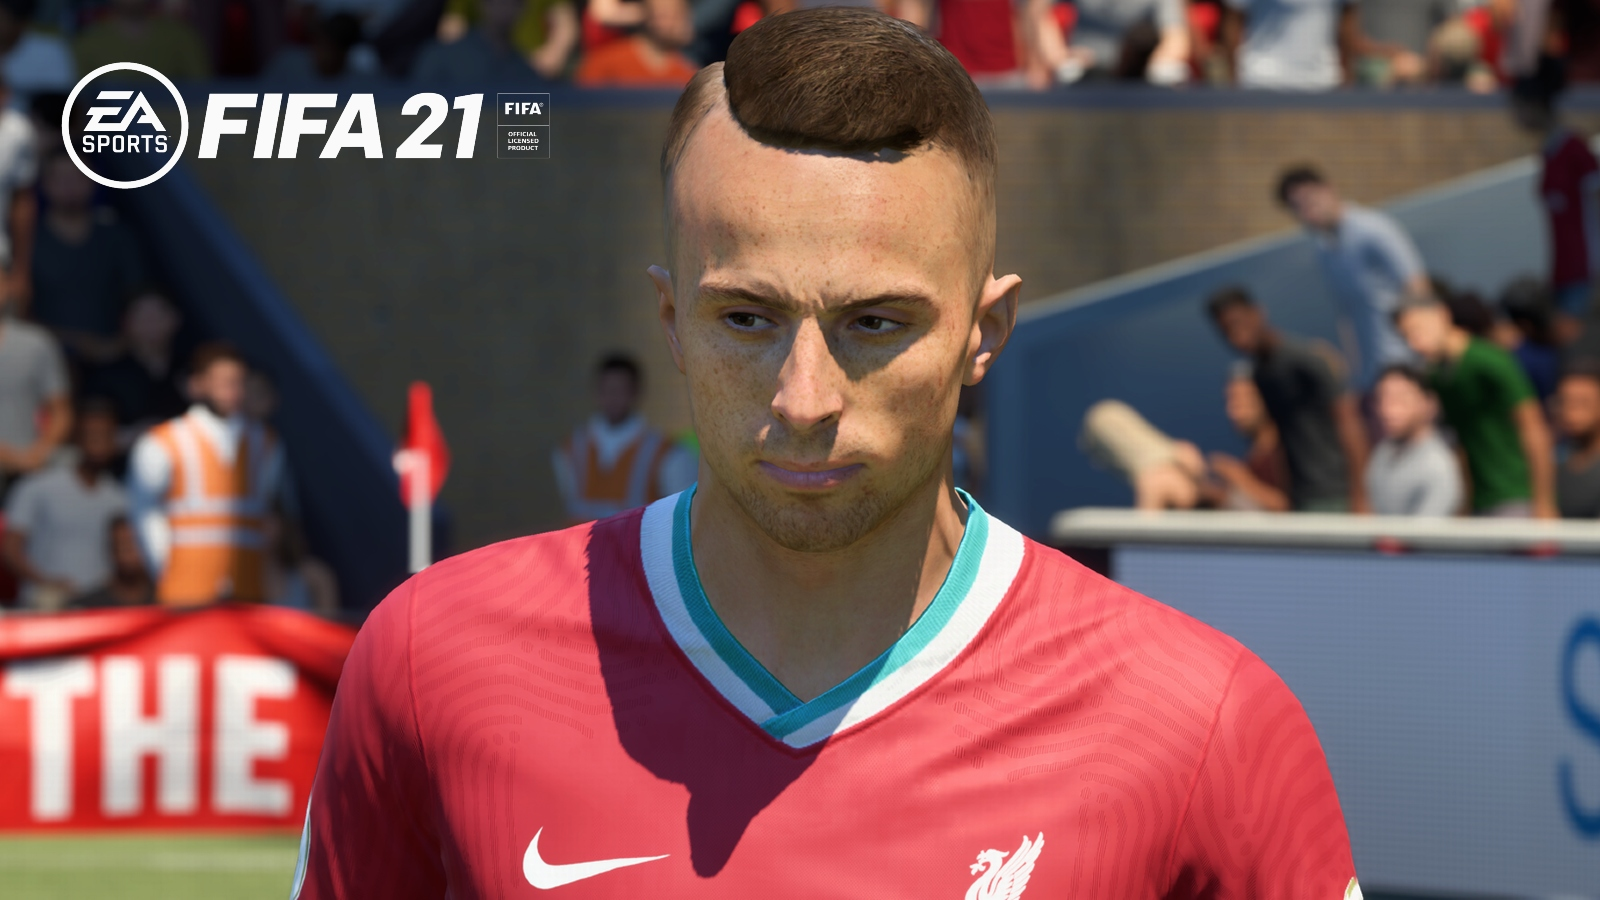 Liverpool FC's Diogo Jota in FIFA 21